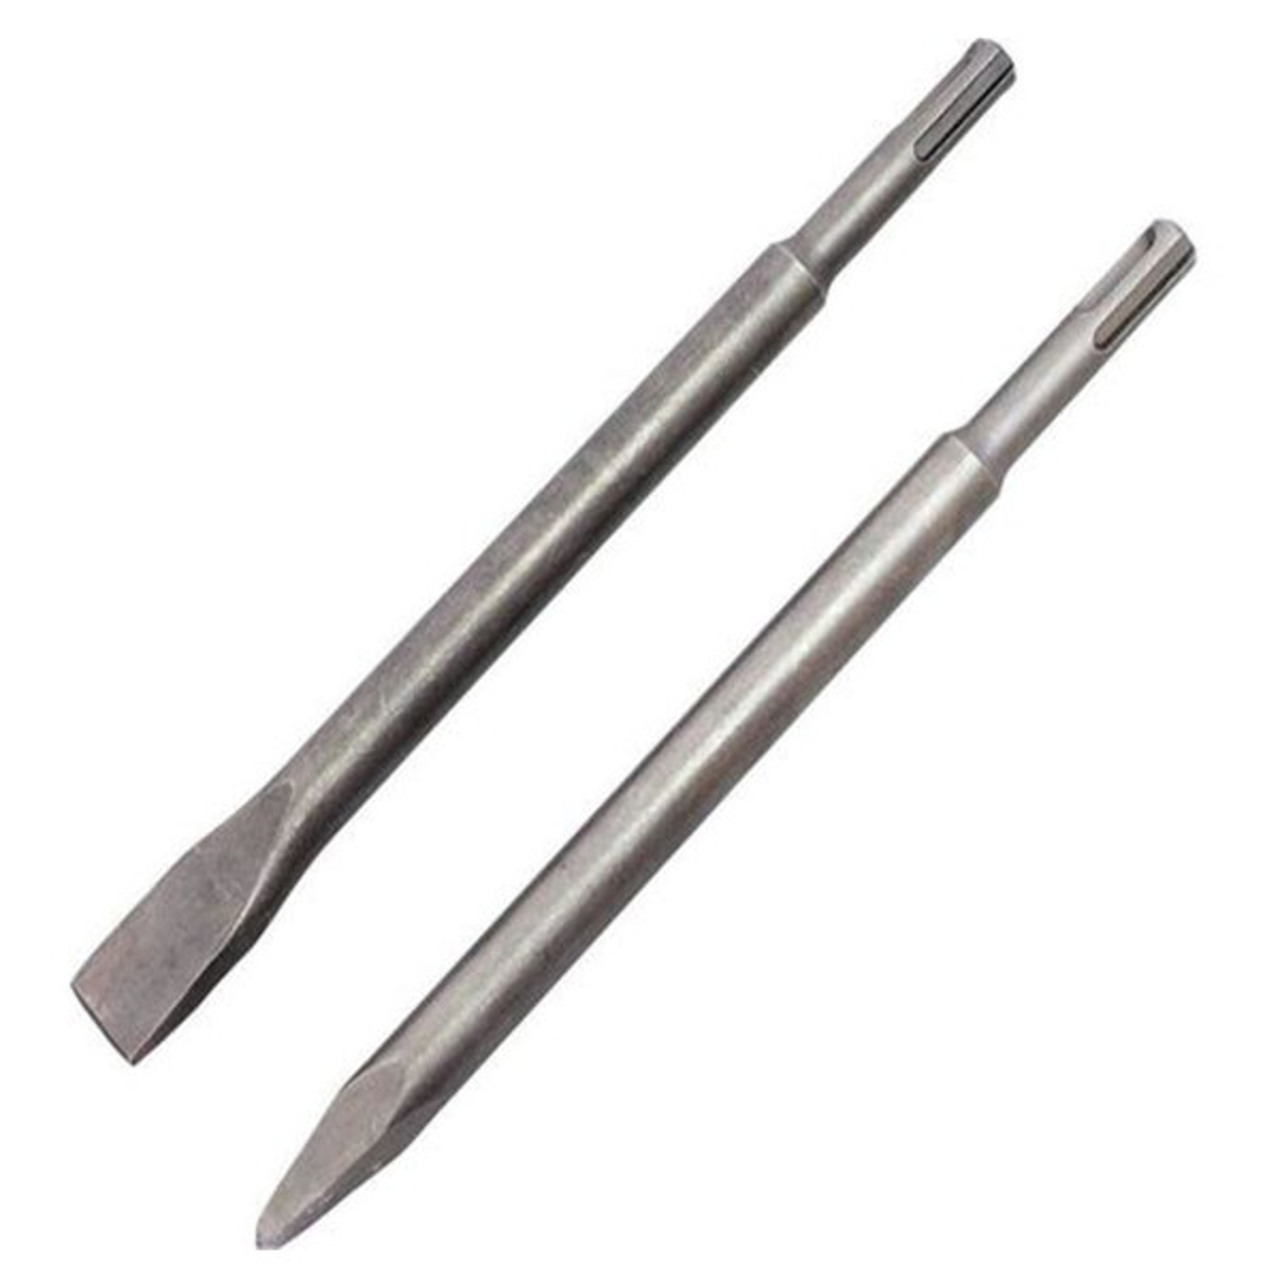 مجموعه دو عددی قلم چهار شیار شپخ مدل 250 میلی متری